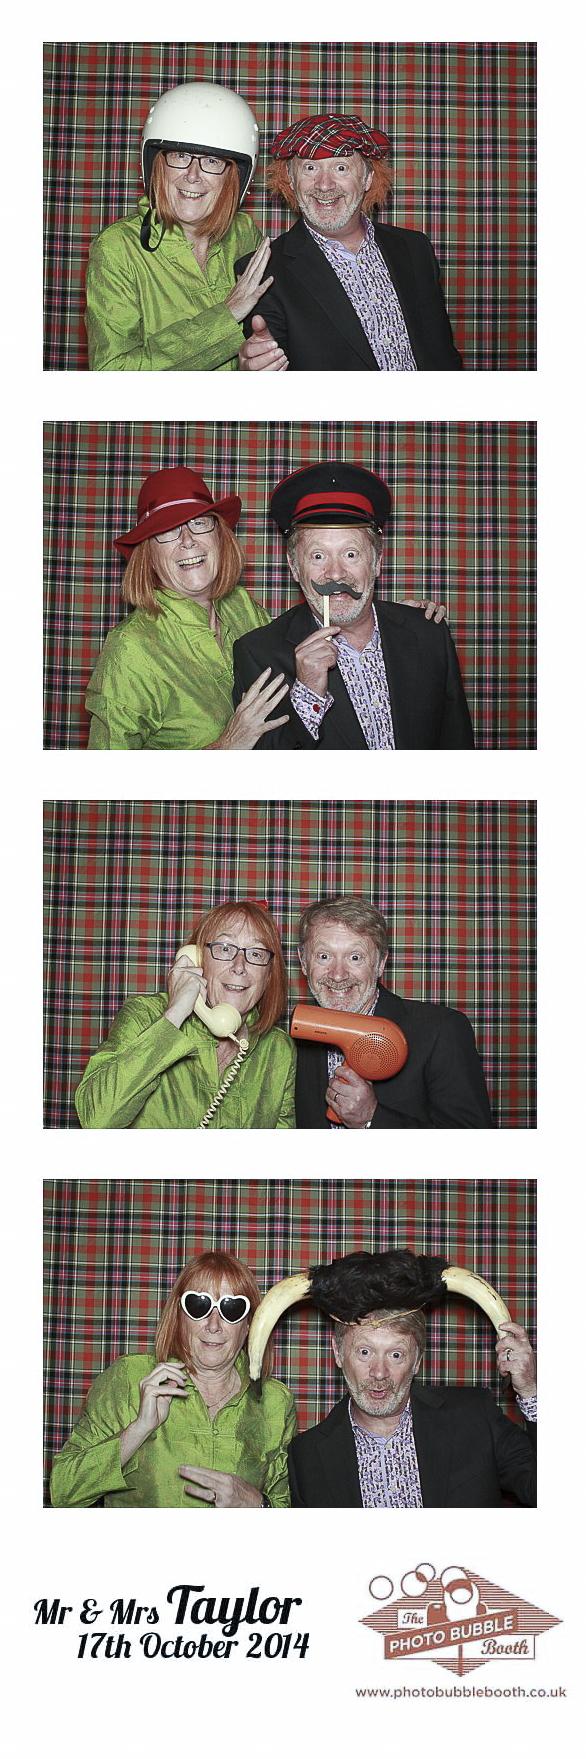 Mr & Mrs Taylor 17th October _33.jpg